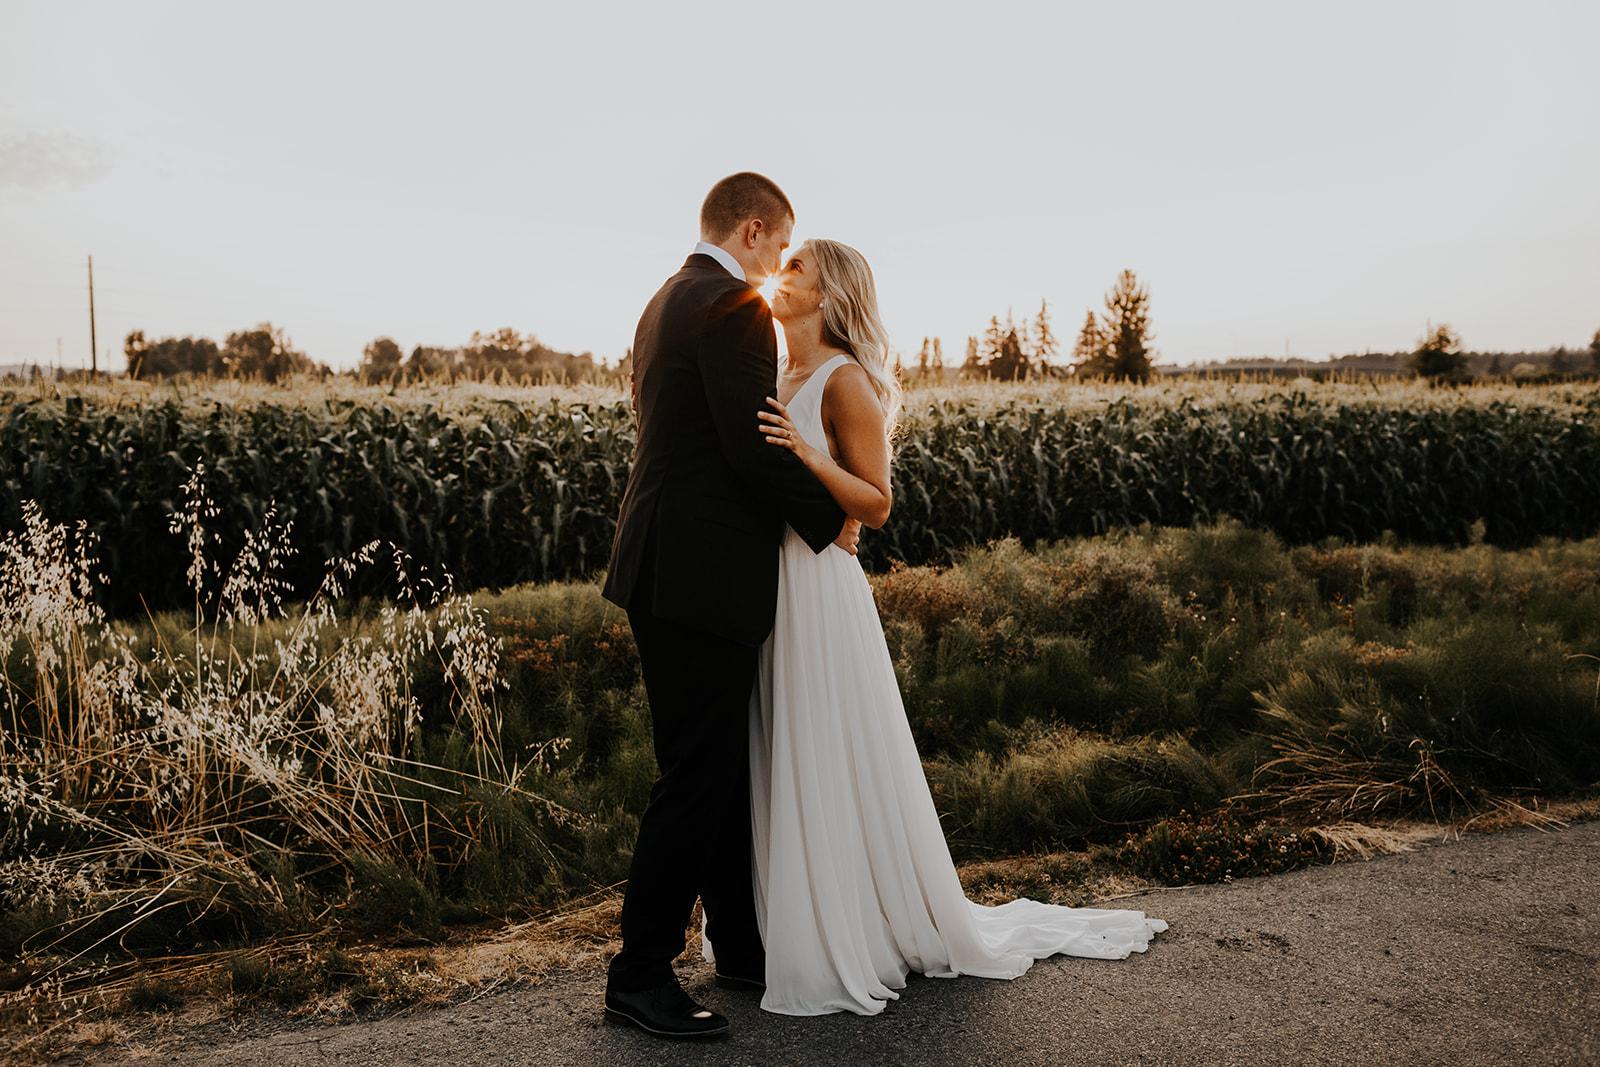 ginapaulson_larabryce_wedding-1006.jpg